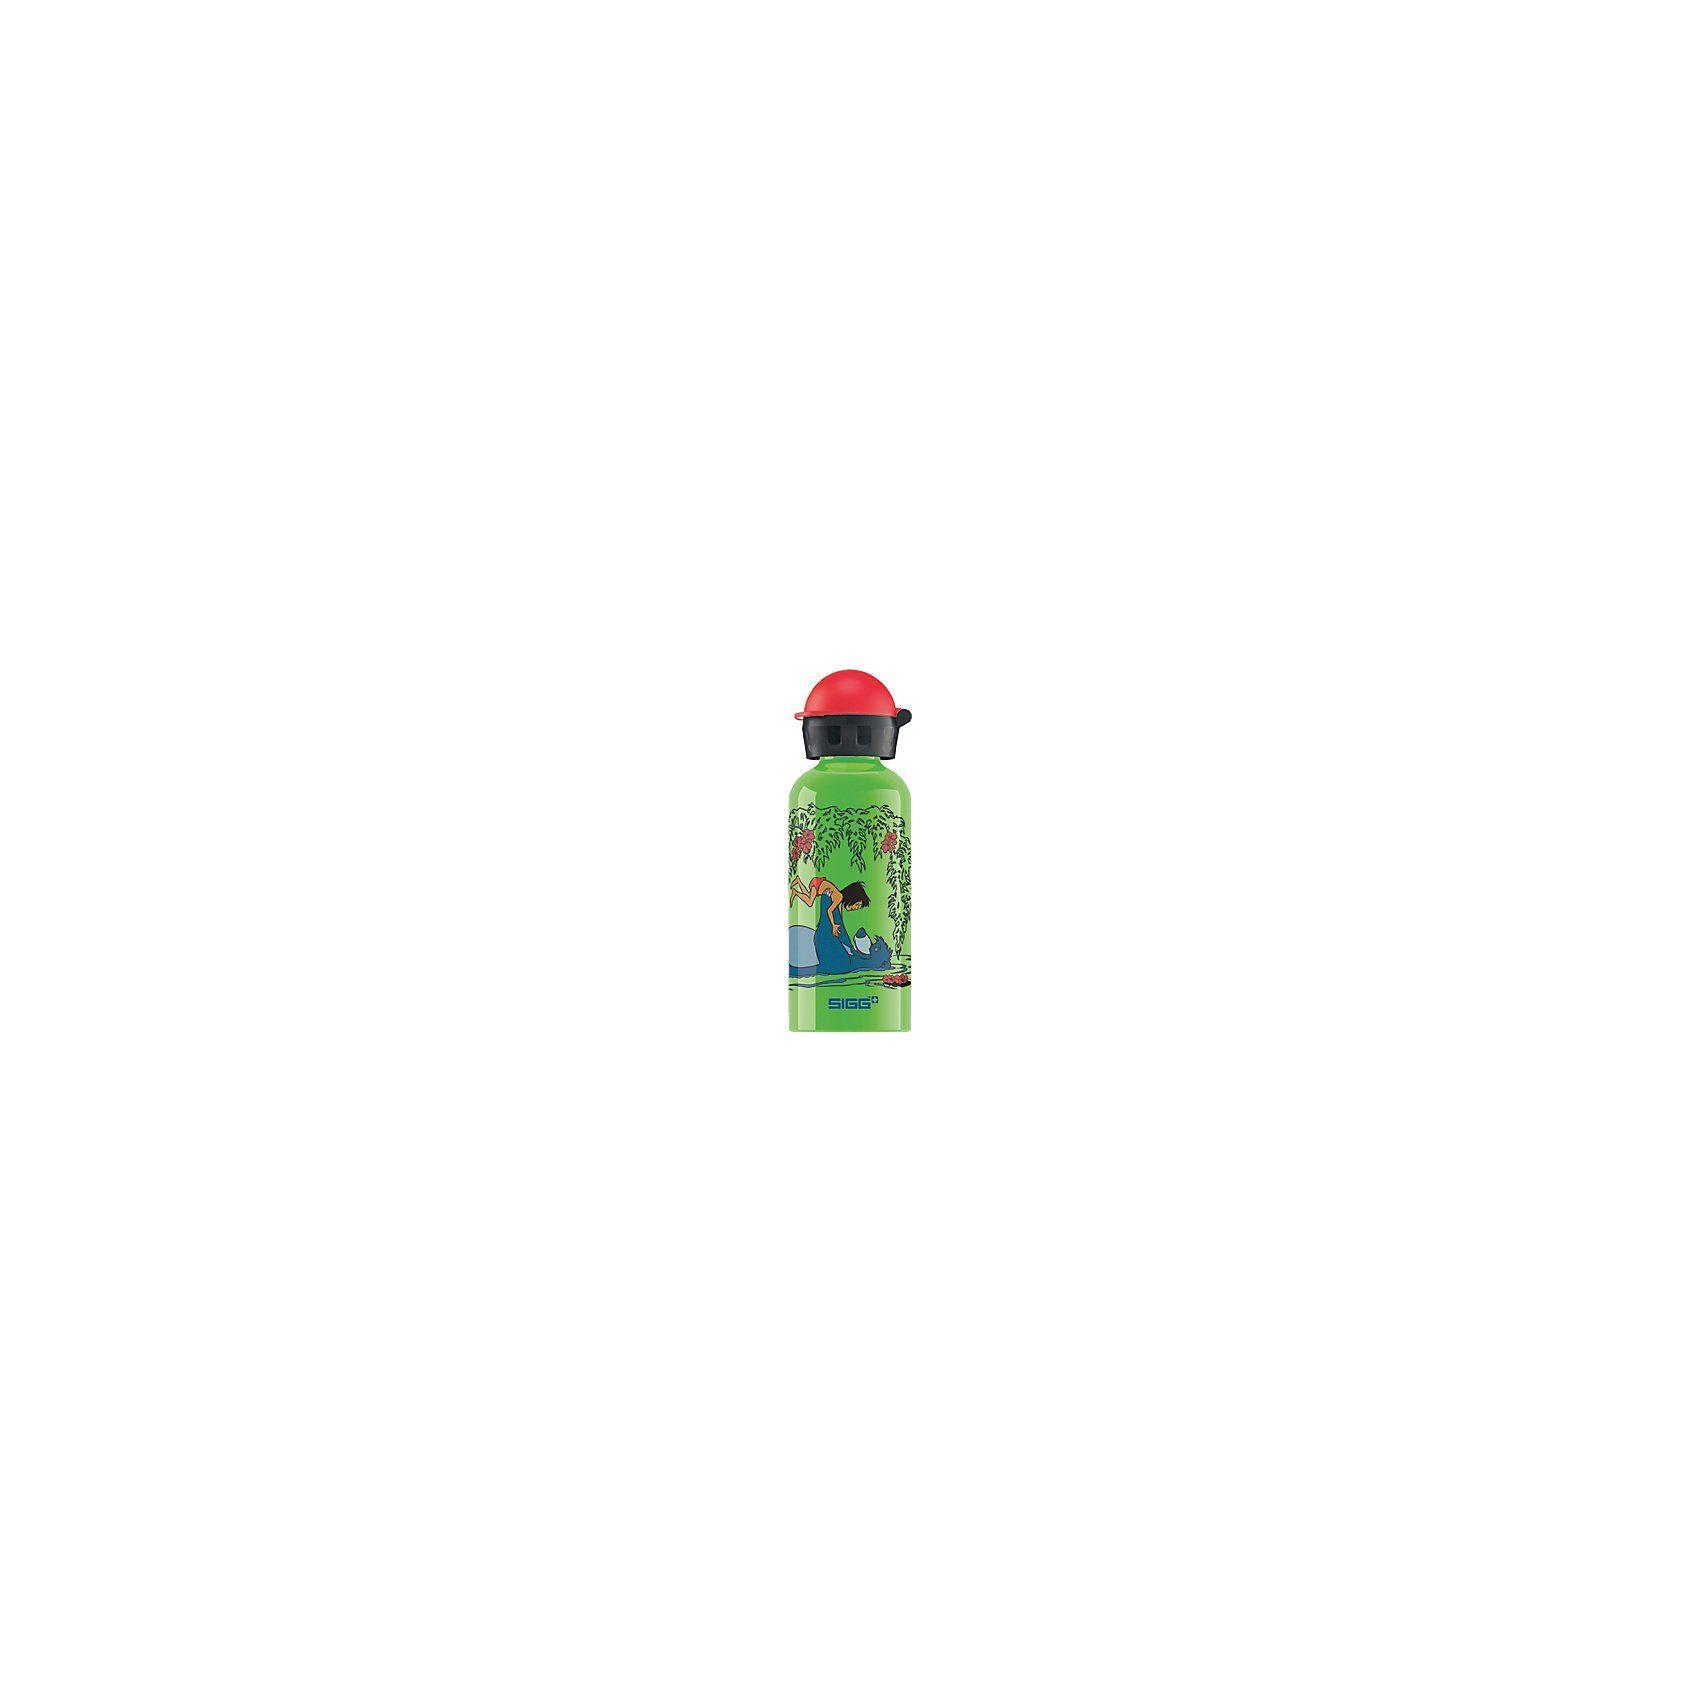 SIGG Alu-Trinkflasche Das Dschungelbuch, 400 ml